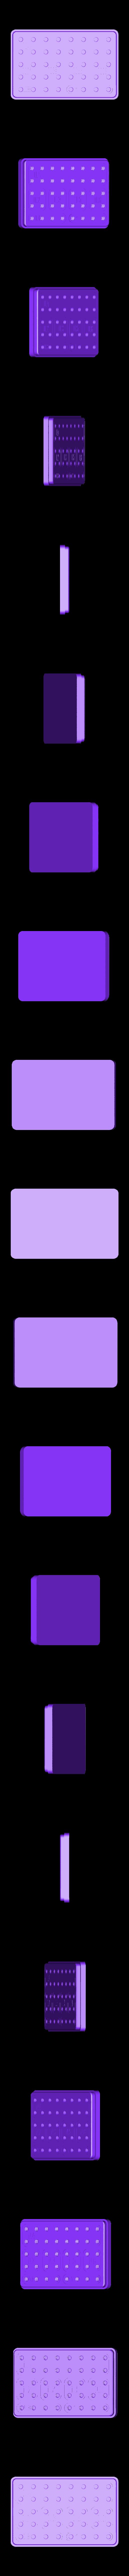 Nozzle_storage_v1.stl Télécharger fichier STL gratuit Grande boîte de stockage de buses • Modèle pour imprimante 3D, alfa4liveejk